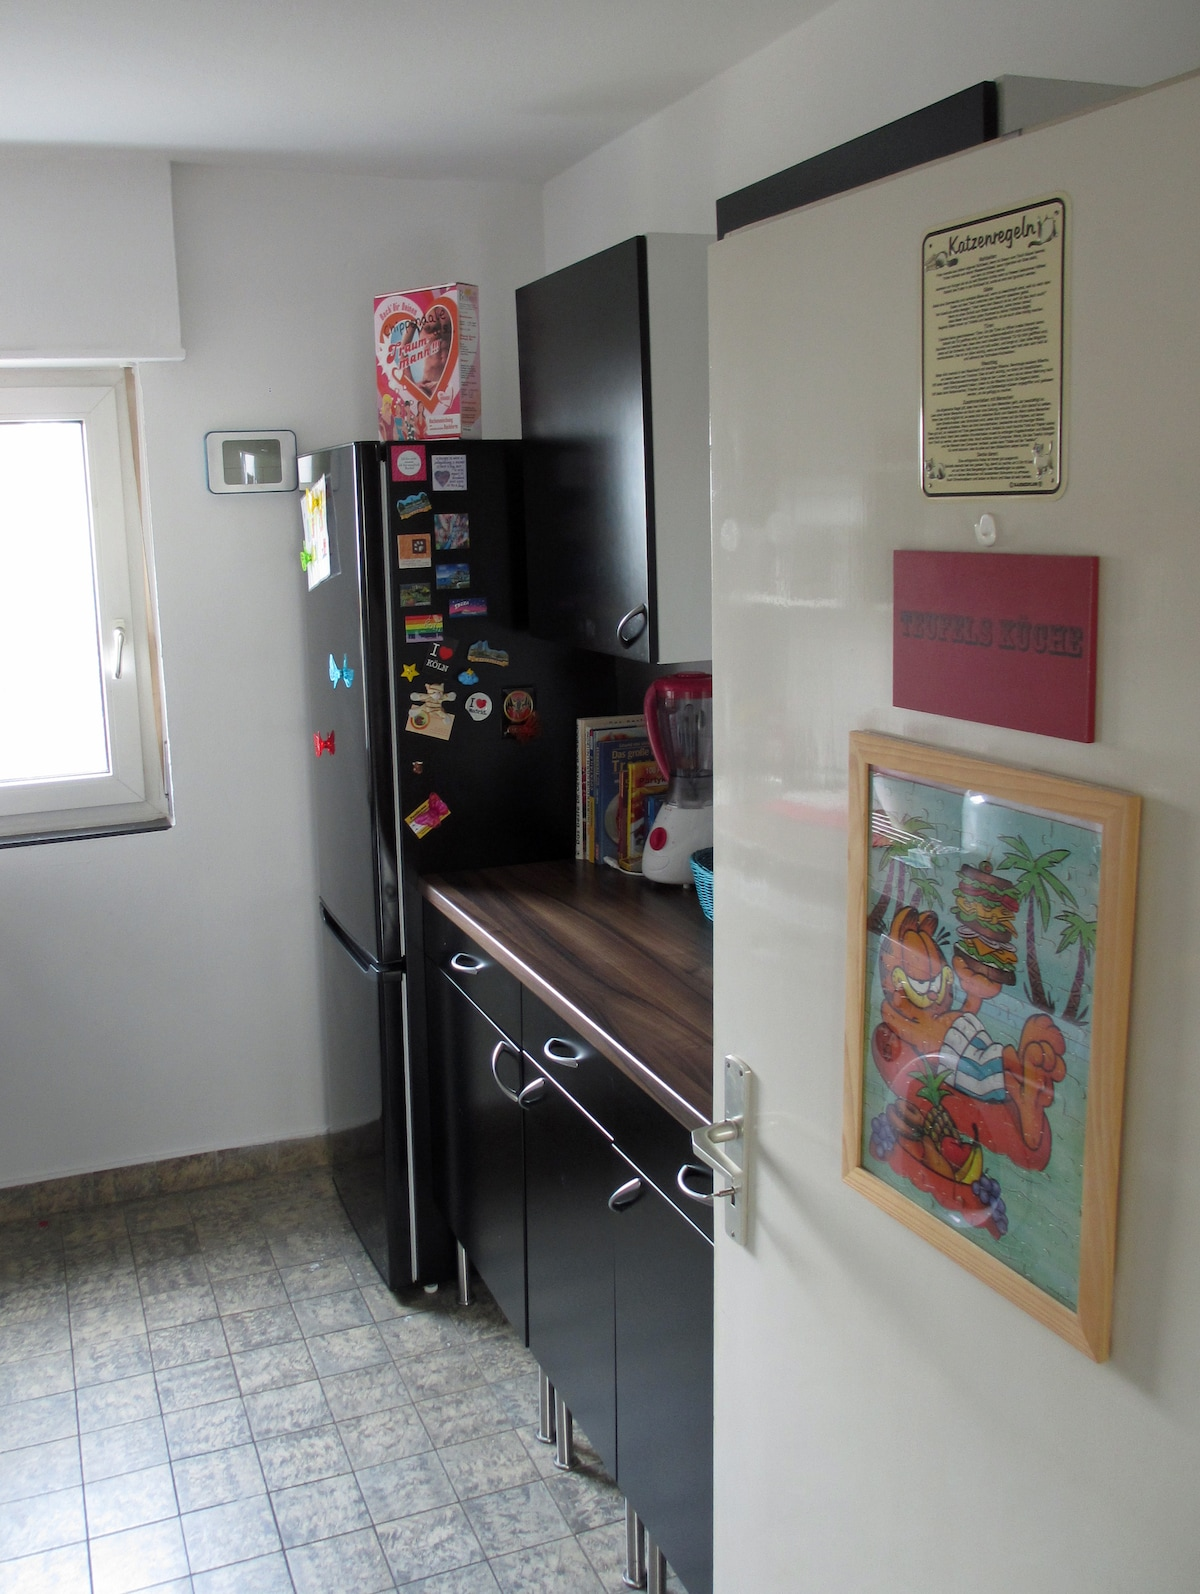 Küche mit Kühlschrank, Gefrierschrank, Mixer und Mikrowelle (hinter der Tür). - Kitchen with fridge, freezer, blender and microwave (behind the door).